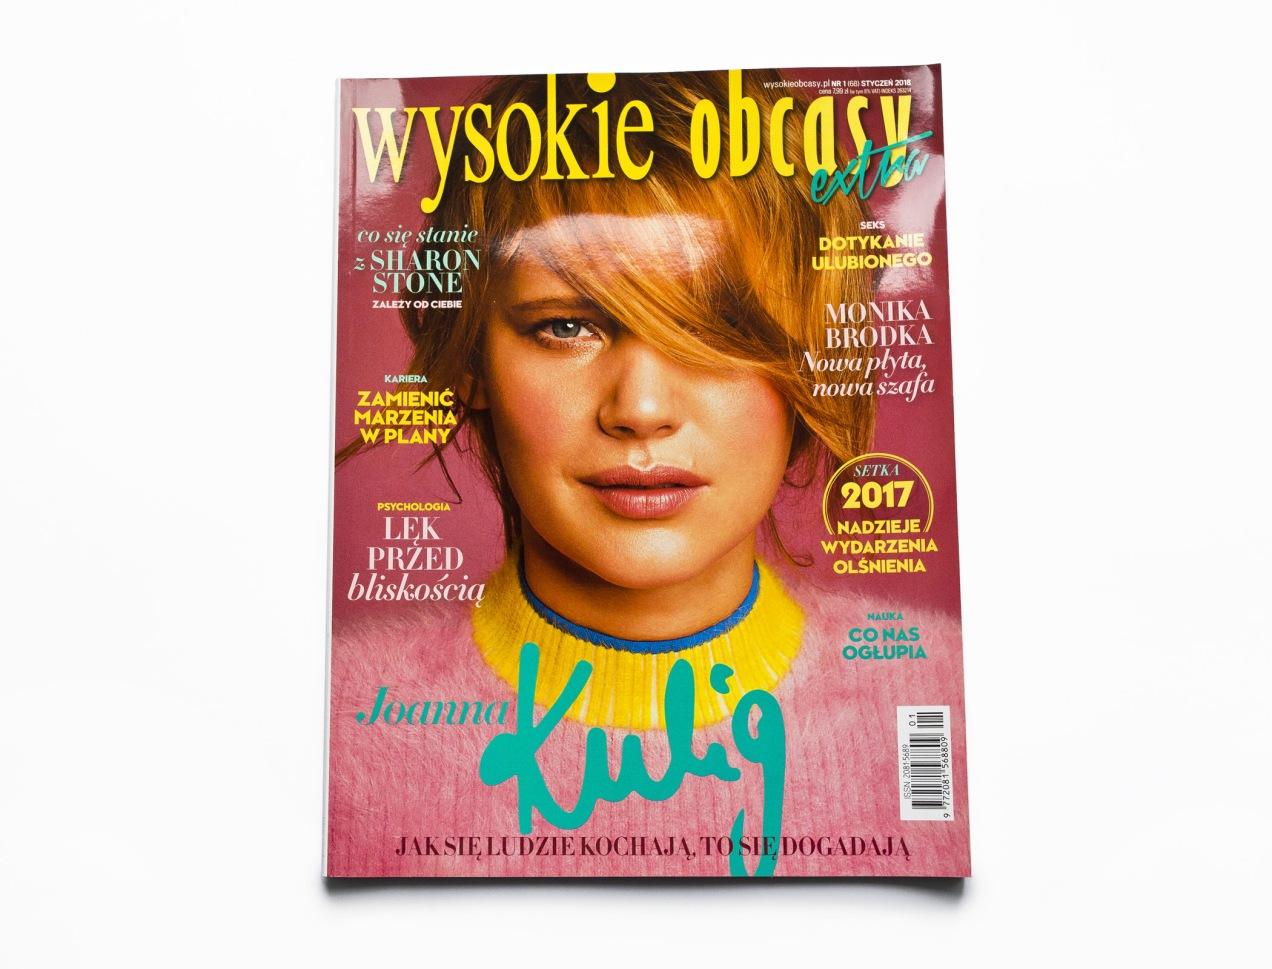 strony-adyakowska-obcasy-extra-1